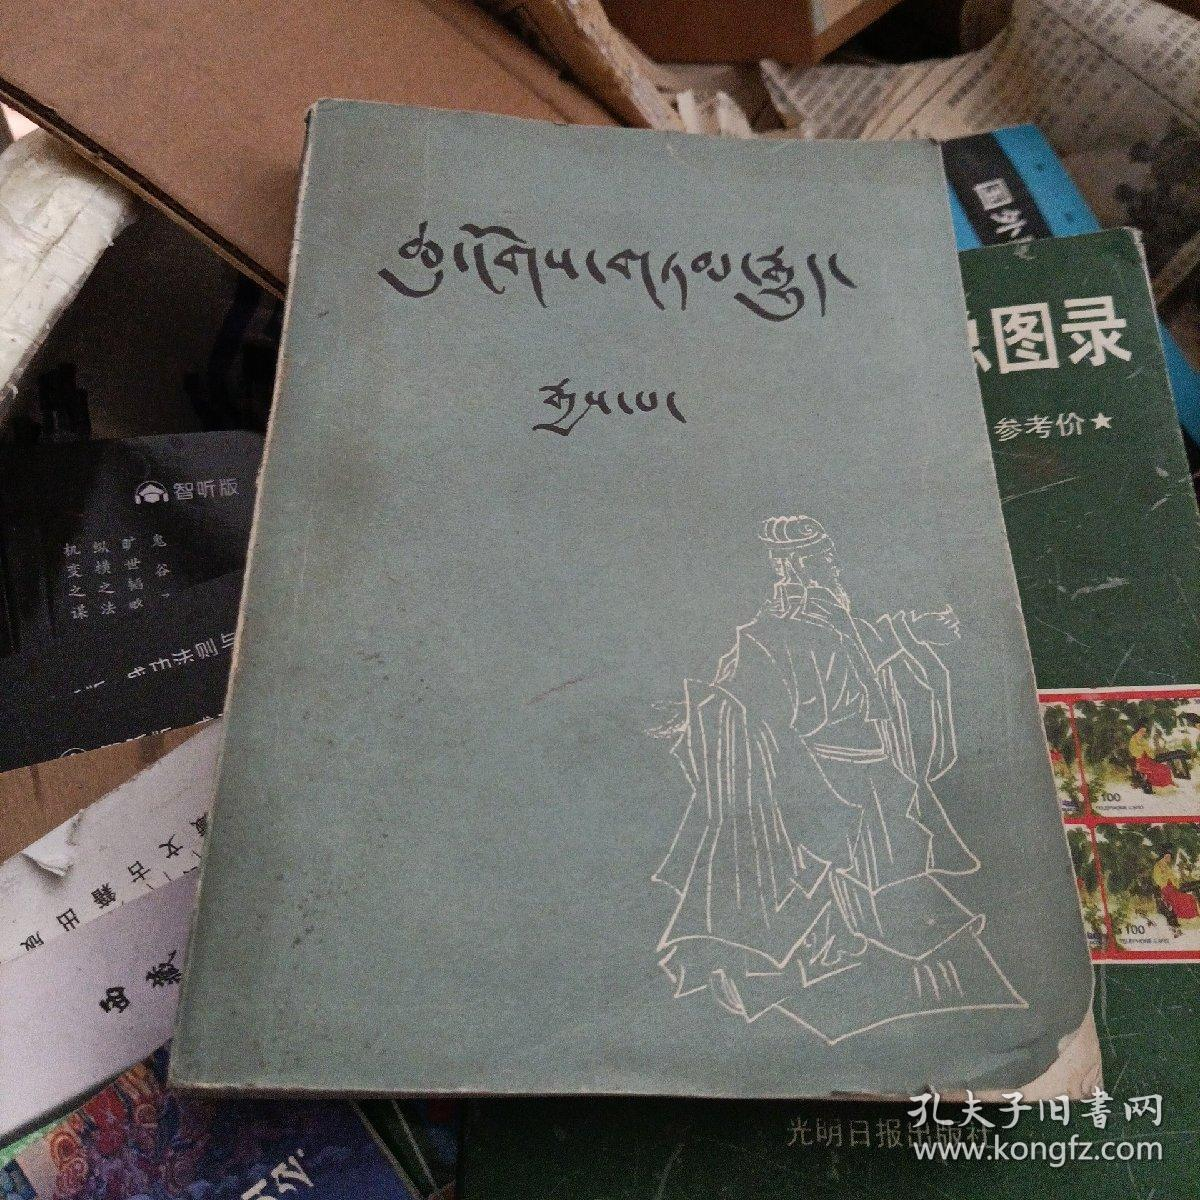 水浒全传藏文第四册